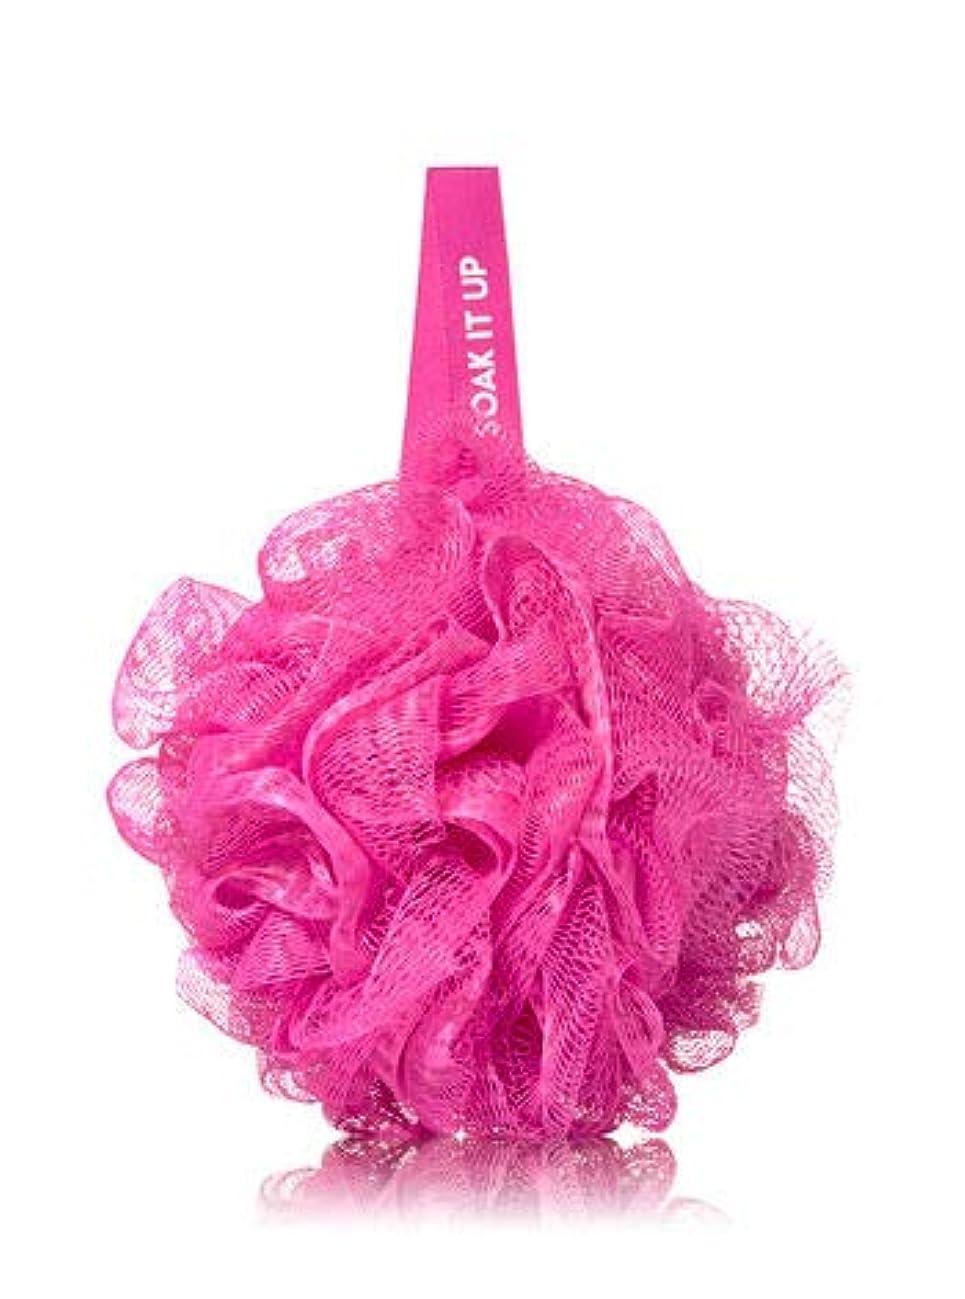 突撃スラム繕う【Bath&Body Works/バス&ボディワークス】 バススポンジ ピンク メッシュ Shower Sponge Pink Mesh バス用品 [並行輸入品]